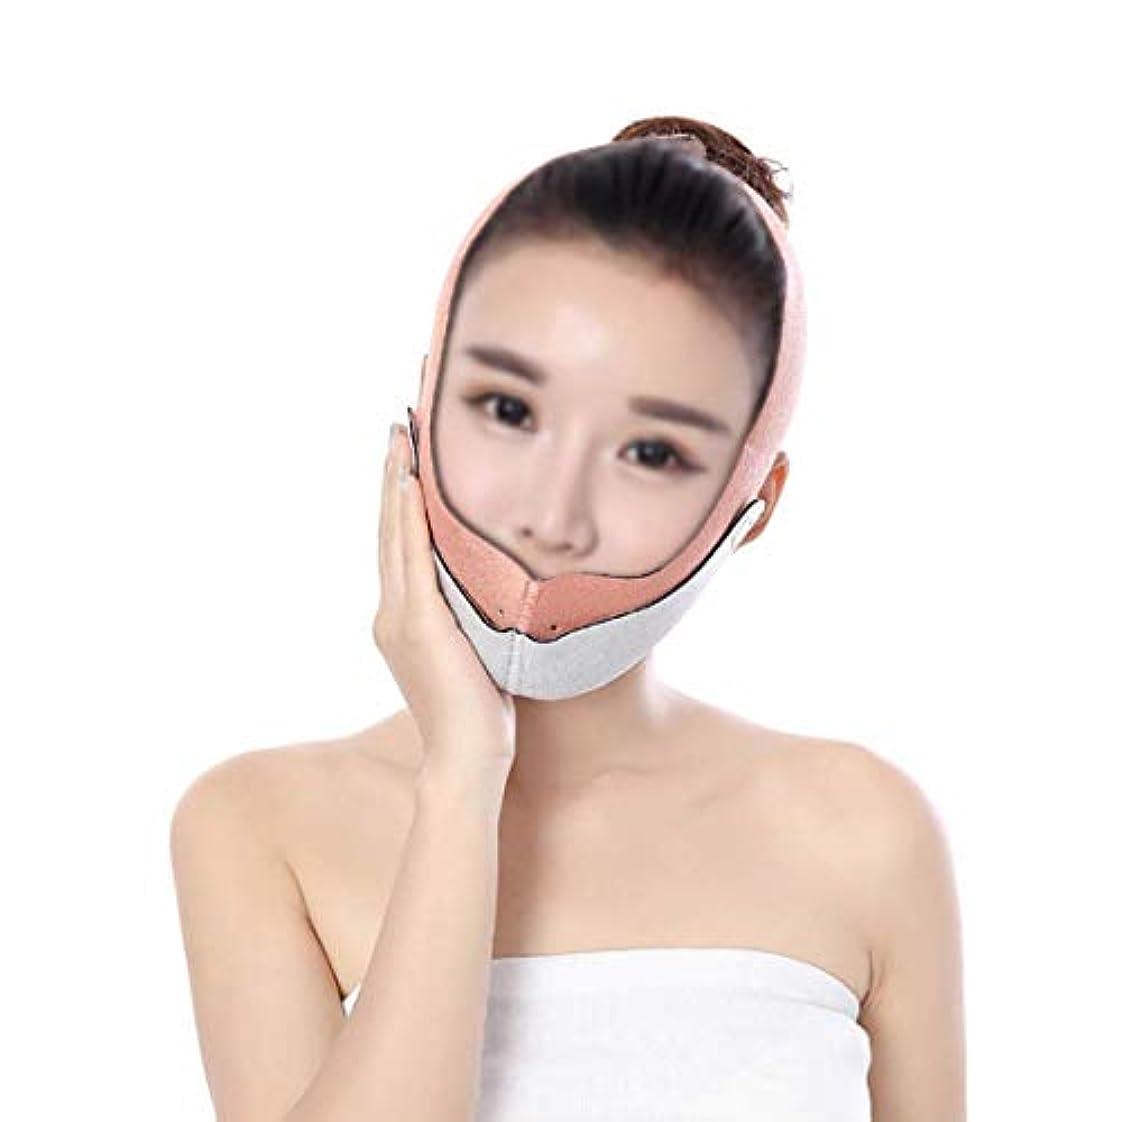 とげデコードする窓を洗うファーミングフェイスマスク、フェイスリフティングアーティファクト修正フェイスリフティングベルトたるみ防止包帯美容マスクマスクV顔布ツール